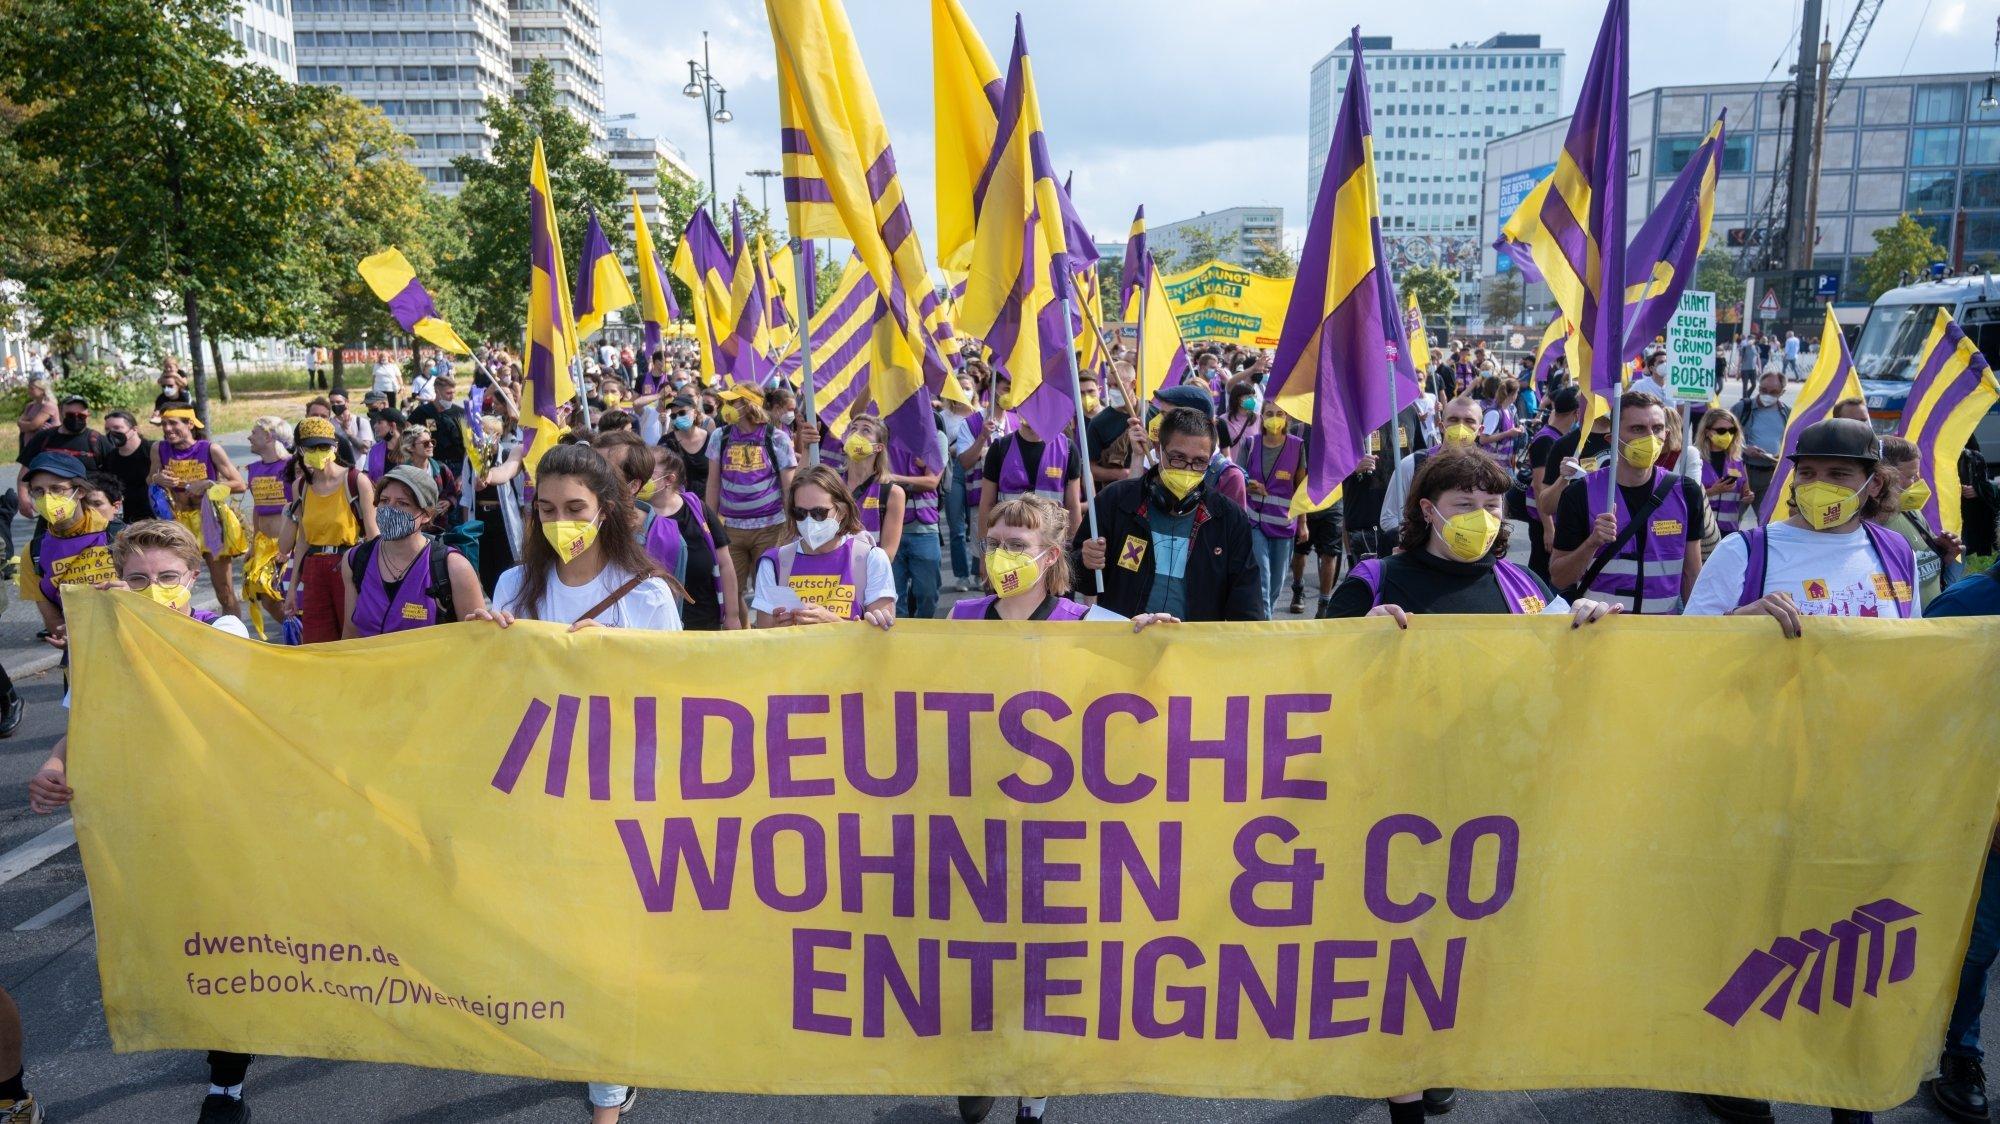 La manifestation a réuni 20'000 personnes venues de tout le pays le 11 septembre dernier à Berlin.